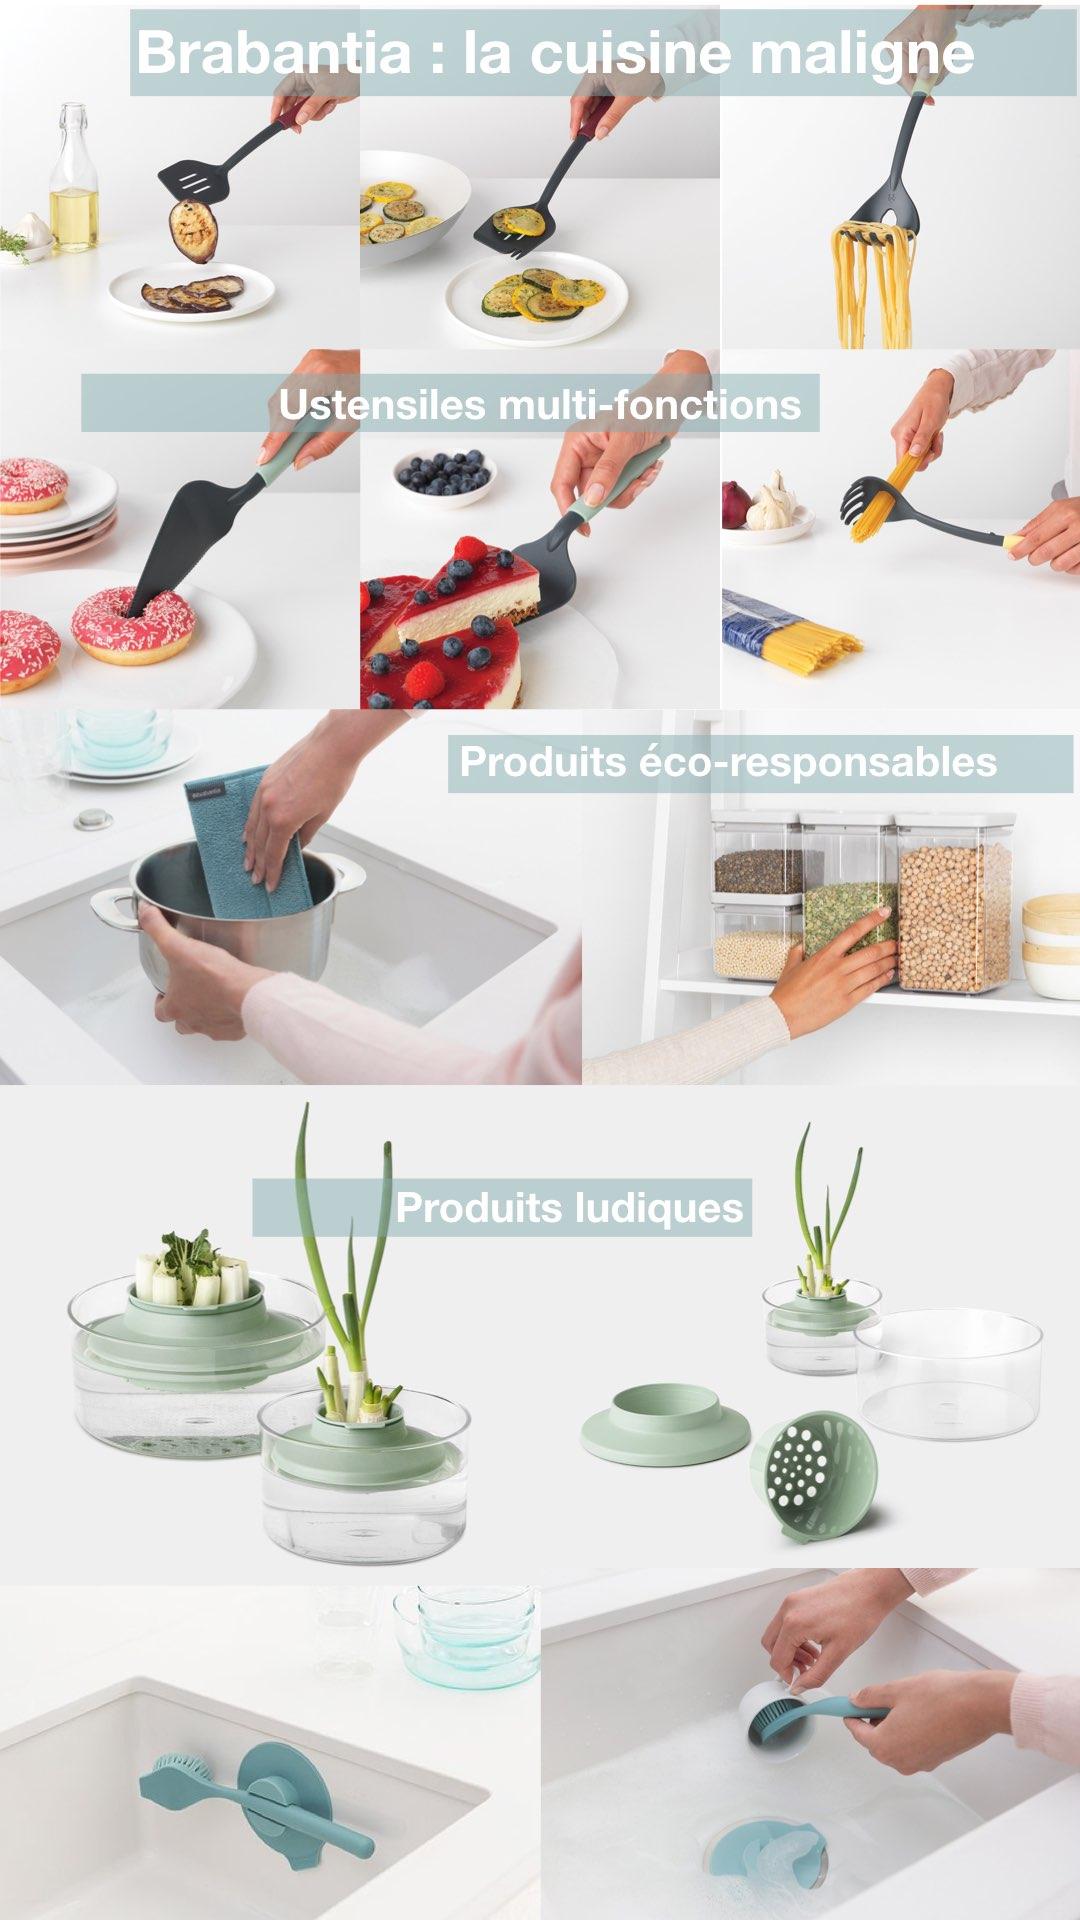 brabantia ustensile cuisine éco-responsable gain de place design ludique - blog déco